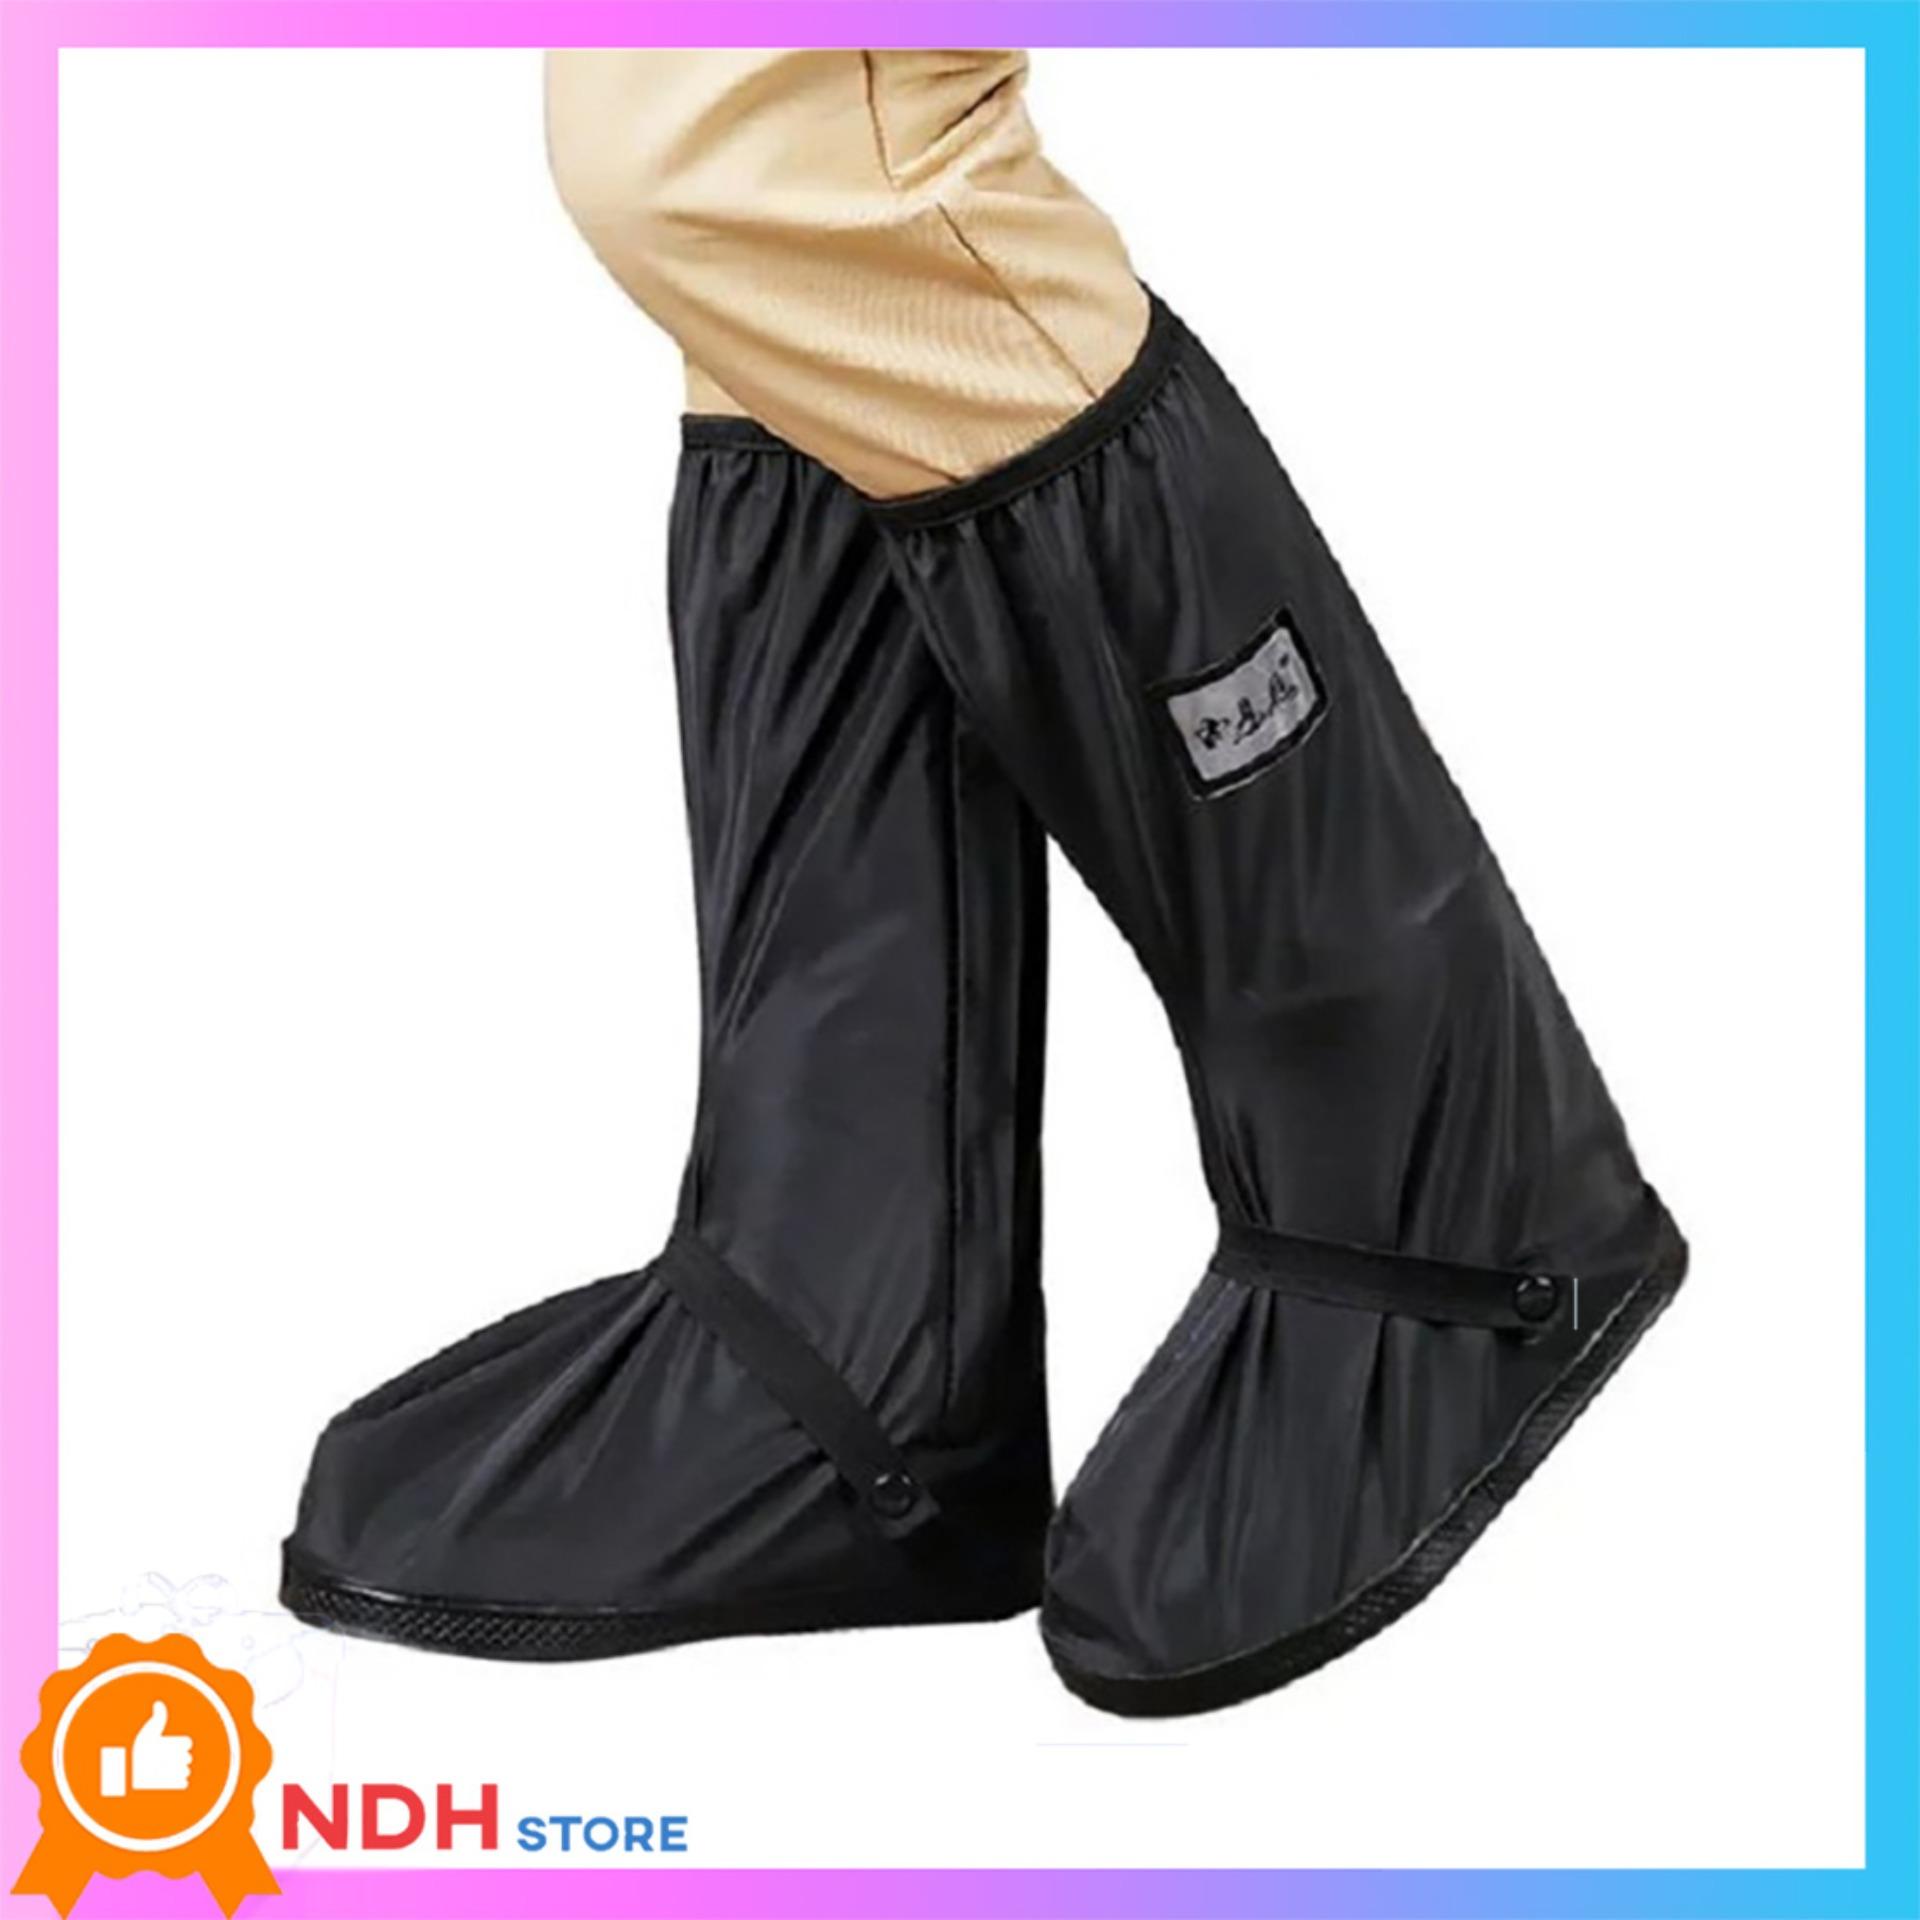 BỌC GIÀY ĐI MƯA CHỐNG NƯỚC ĐI MƯA LOẠI DÀI FREE SIZE đế cao su chống trượt độ bền cao có thể dùng làm ủng đi mưa, bảo vệ giày.